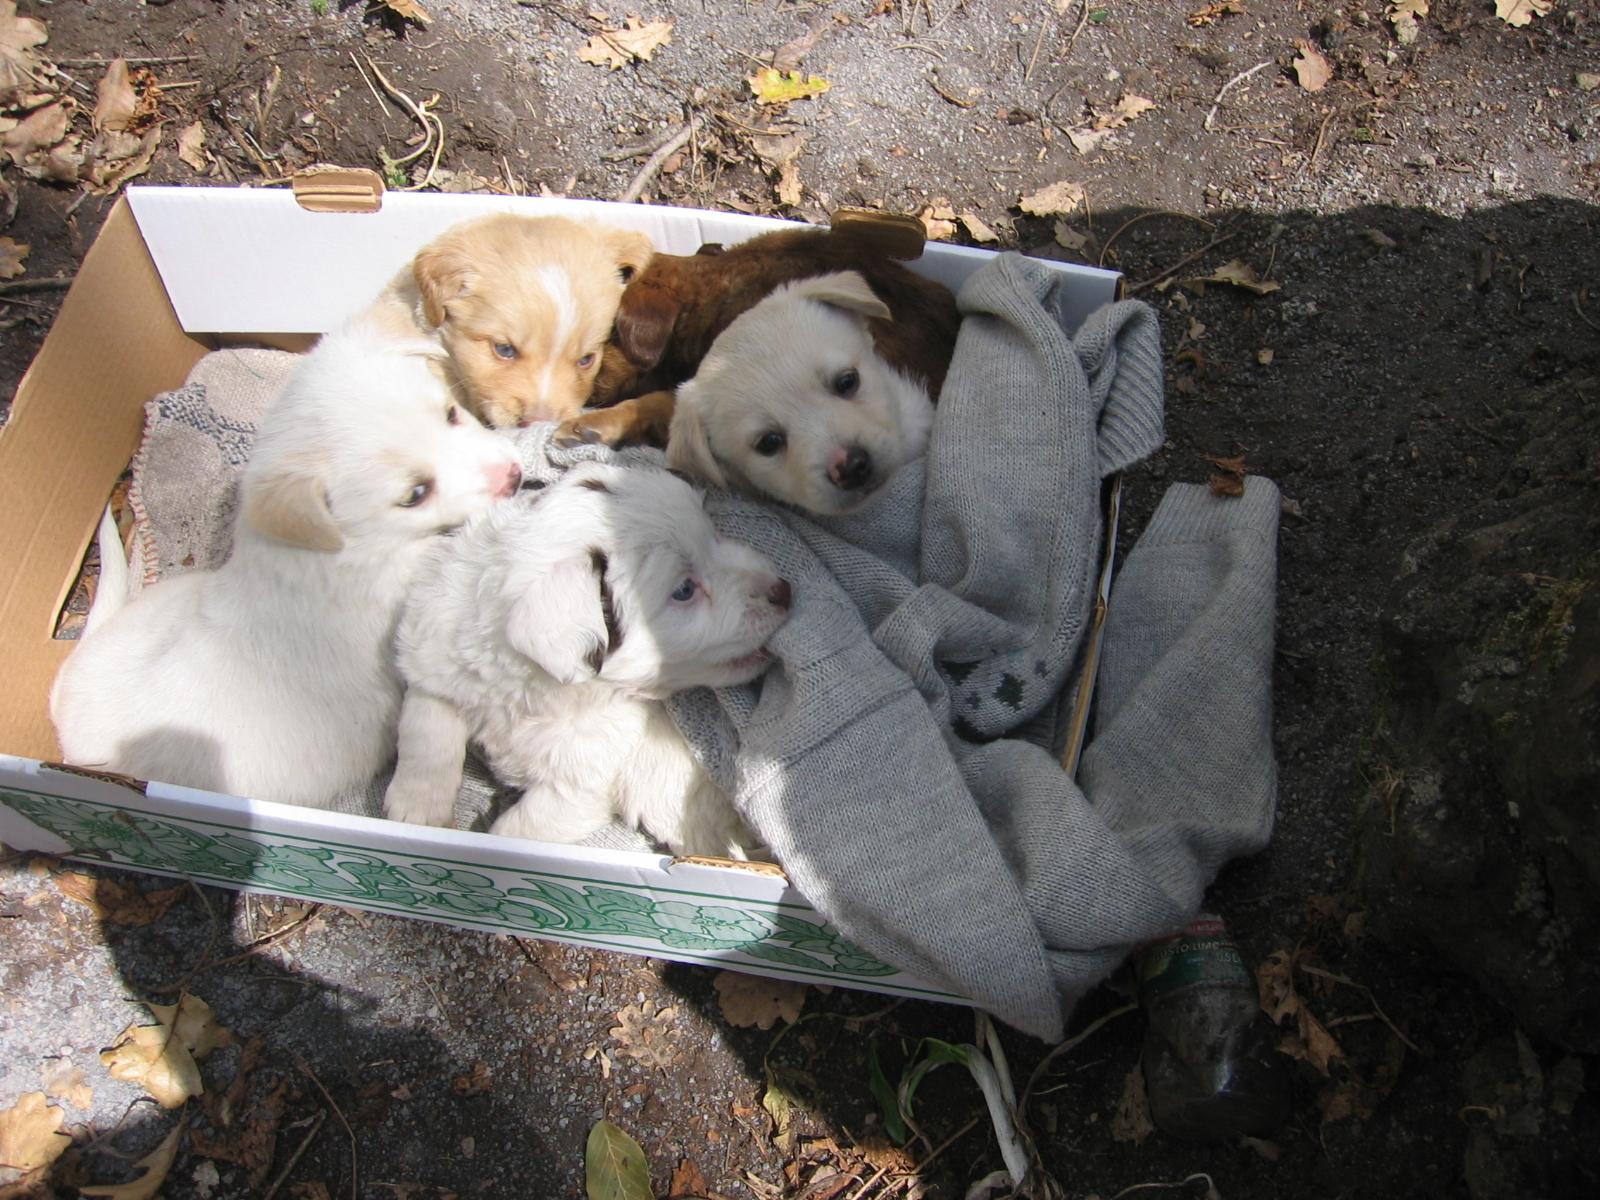 Cani e gatti abbandonati a Caserta, il canile non ha più spazio e non può  accoglierli